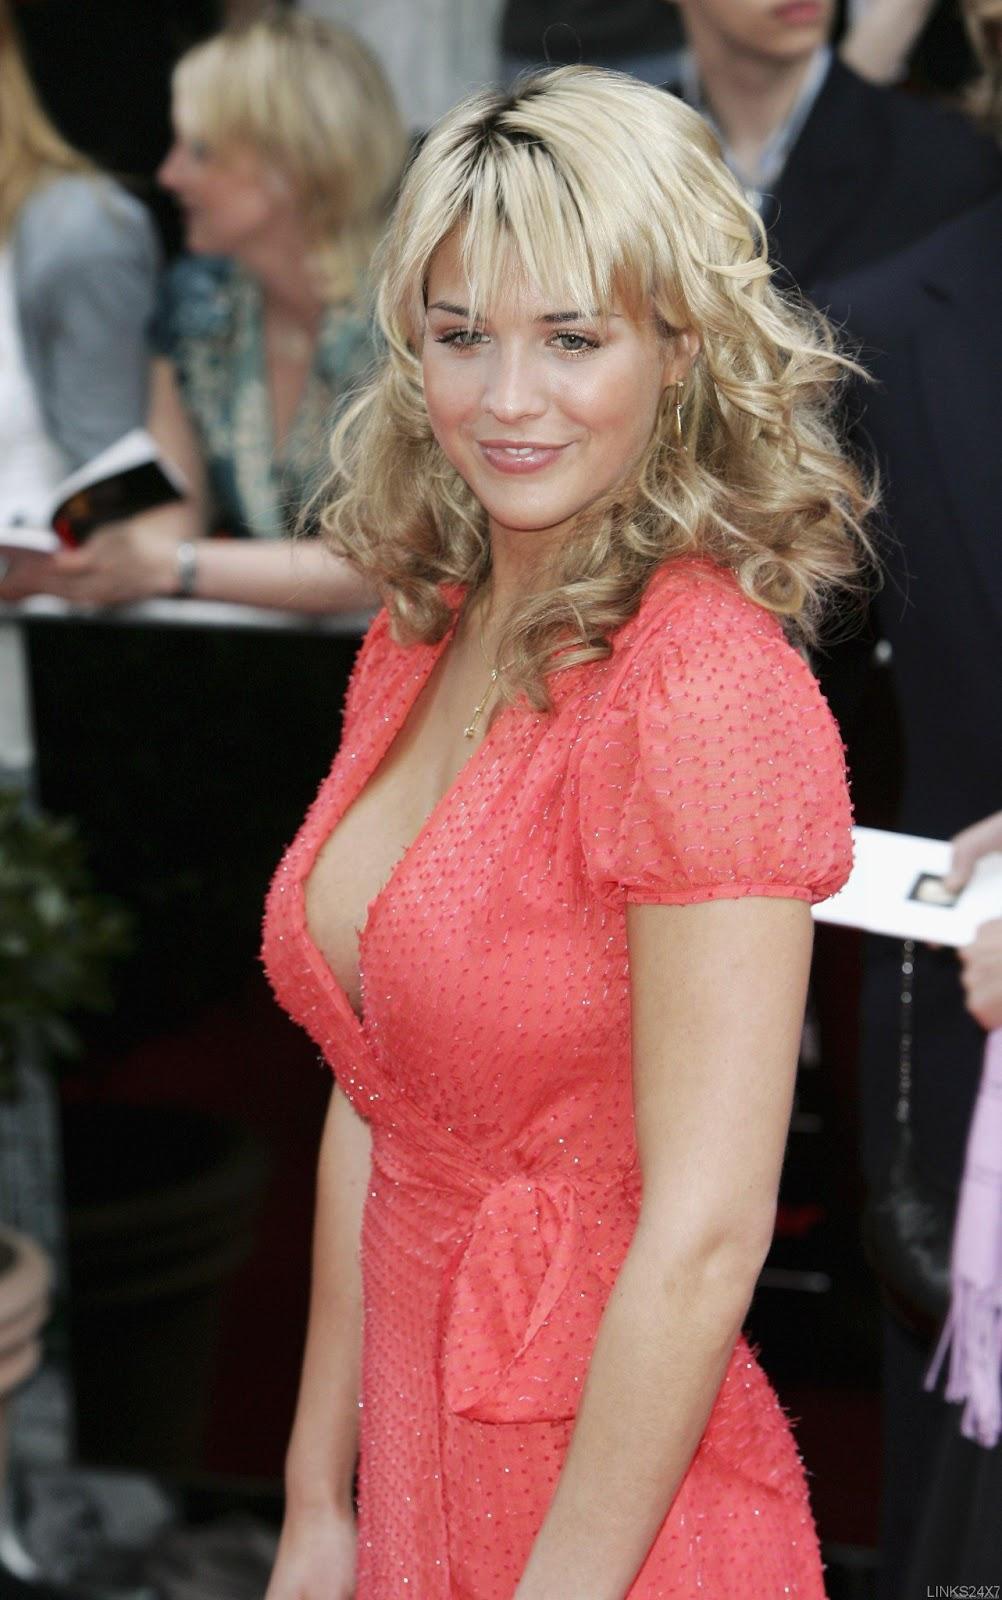 Gemma Atkinson nude pictures